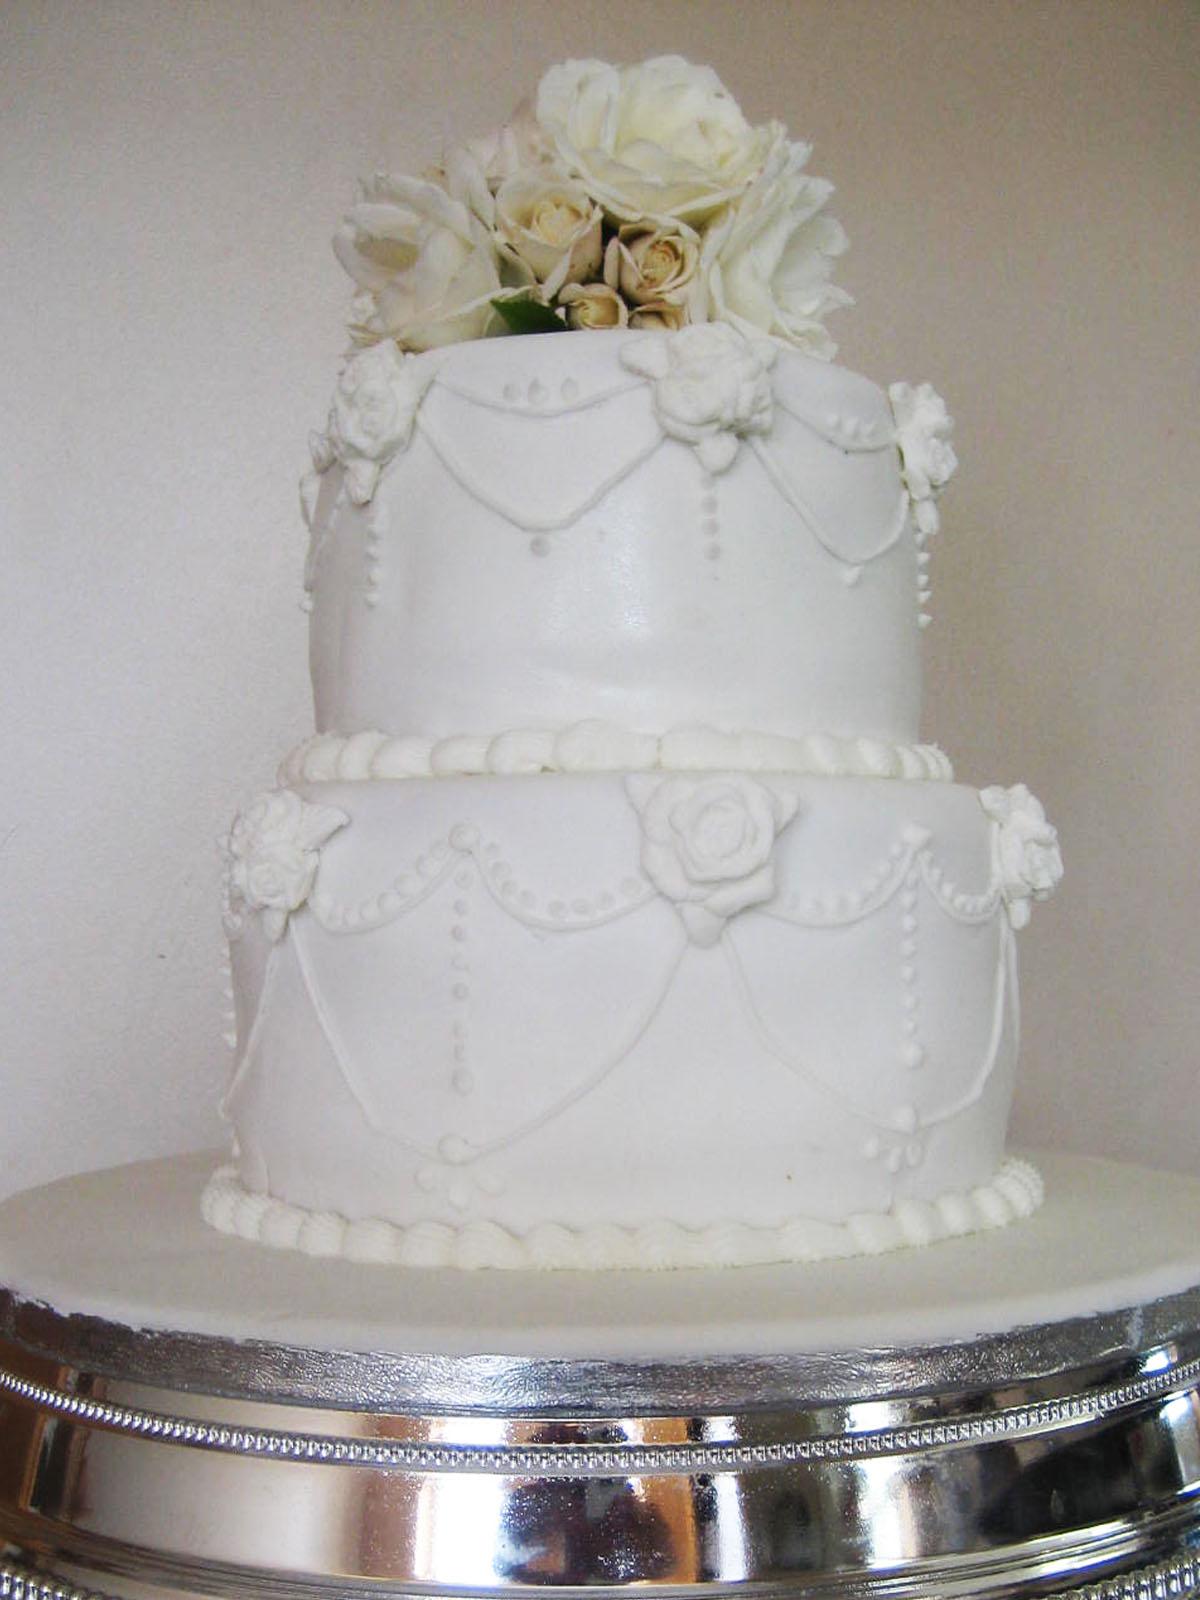 du coup un petit wedding cake tout mimi et aussi classe quun gros ...